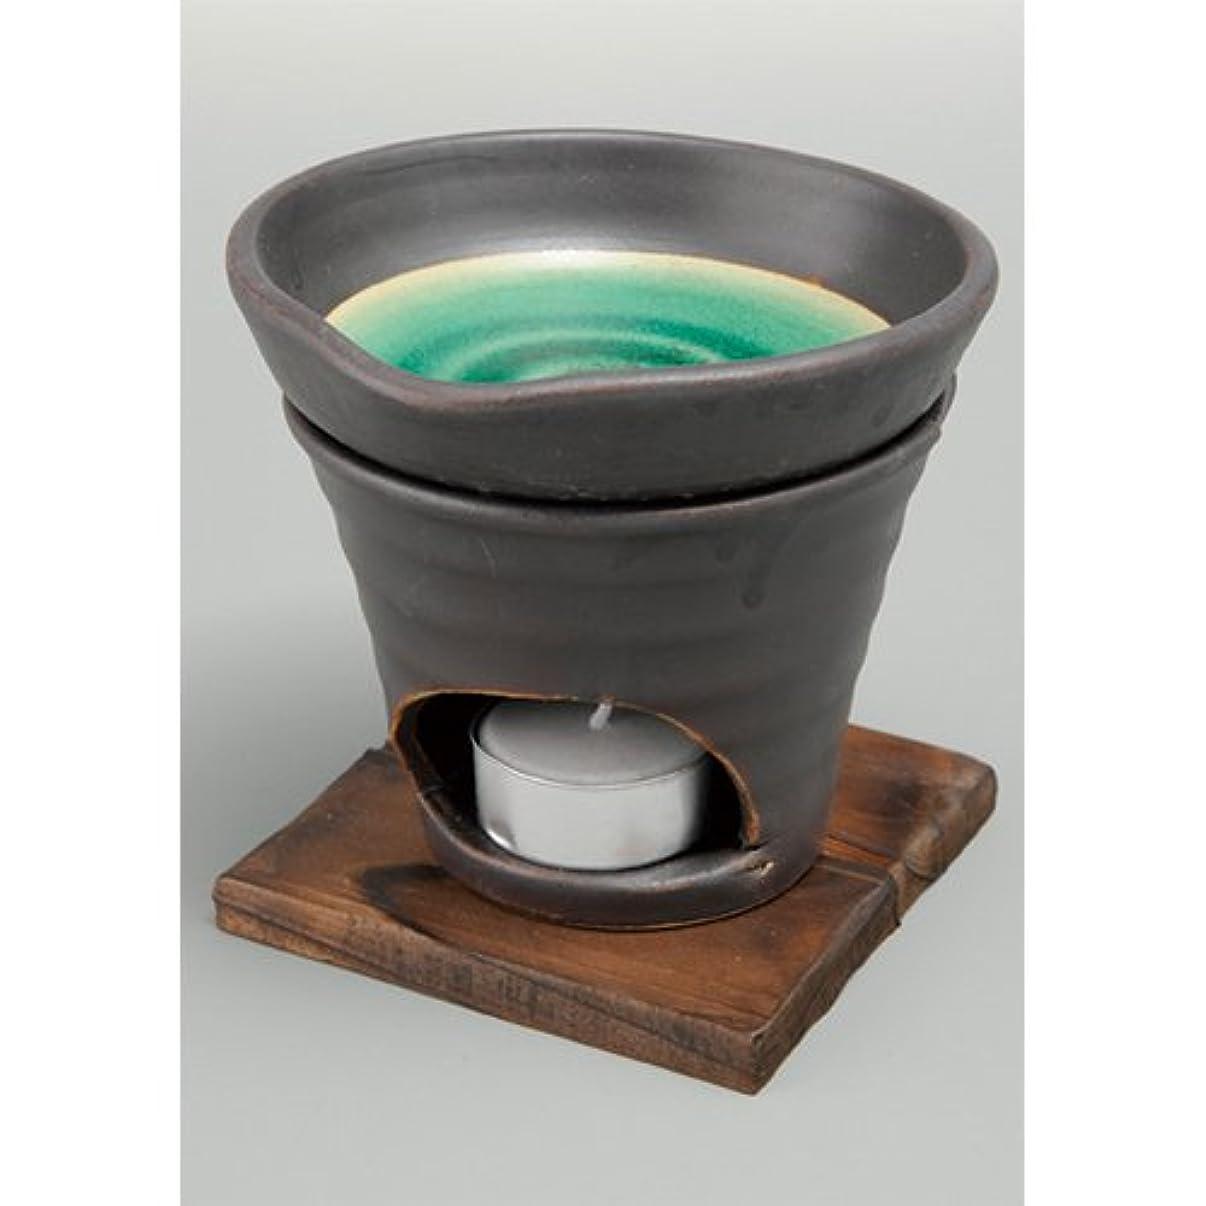 米国つぶやき財政香炉 黒釉 茶香炉(緑) [R11.8xH11.5cm] HANDMADE プレゼント ギフト 和食器 かわいい インテリア